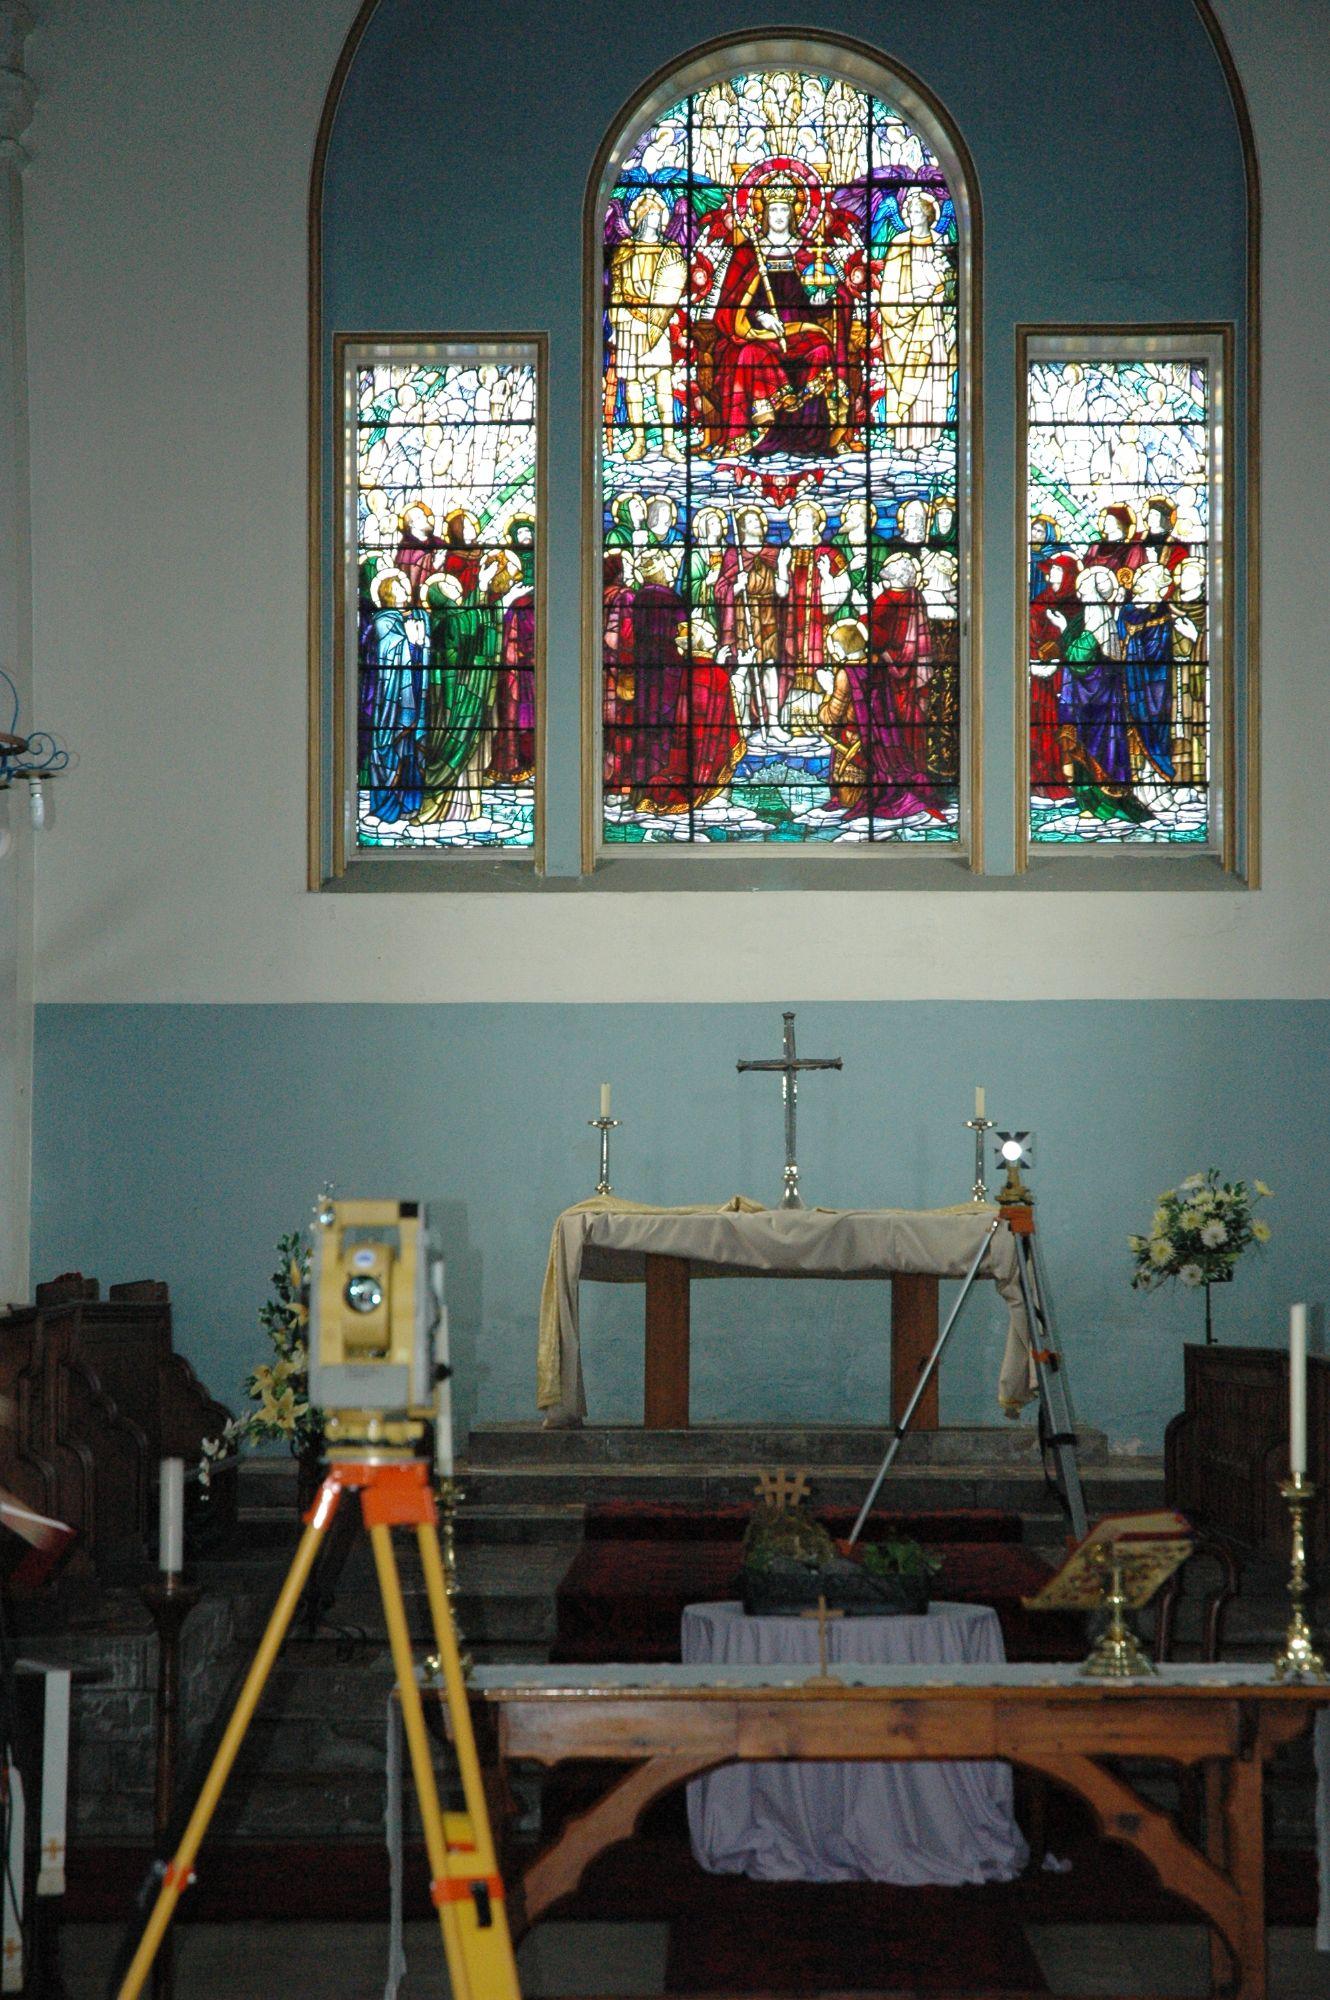 St Aubyn's Church interior, Plymouth, Devon